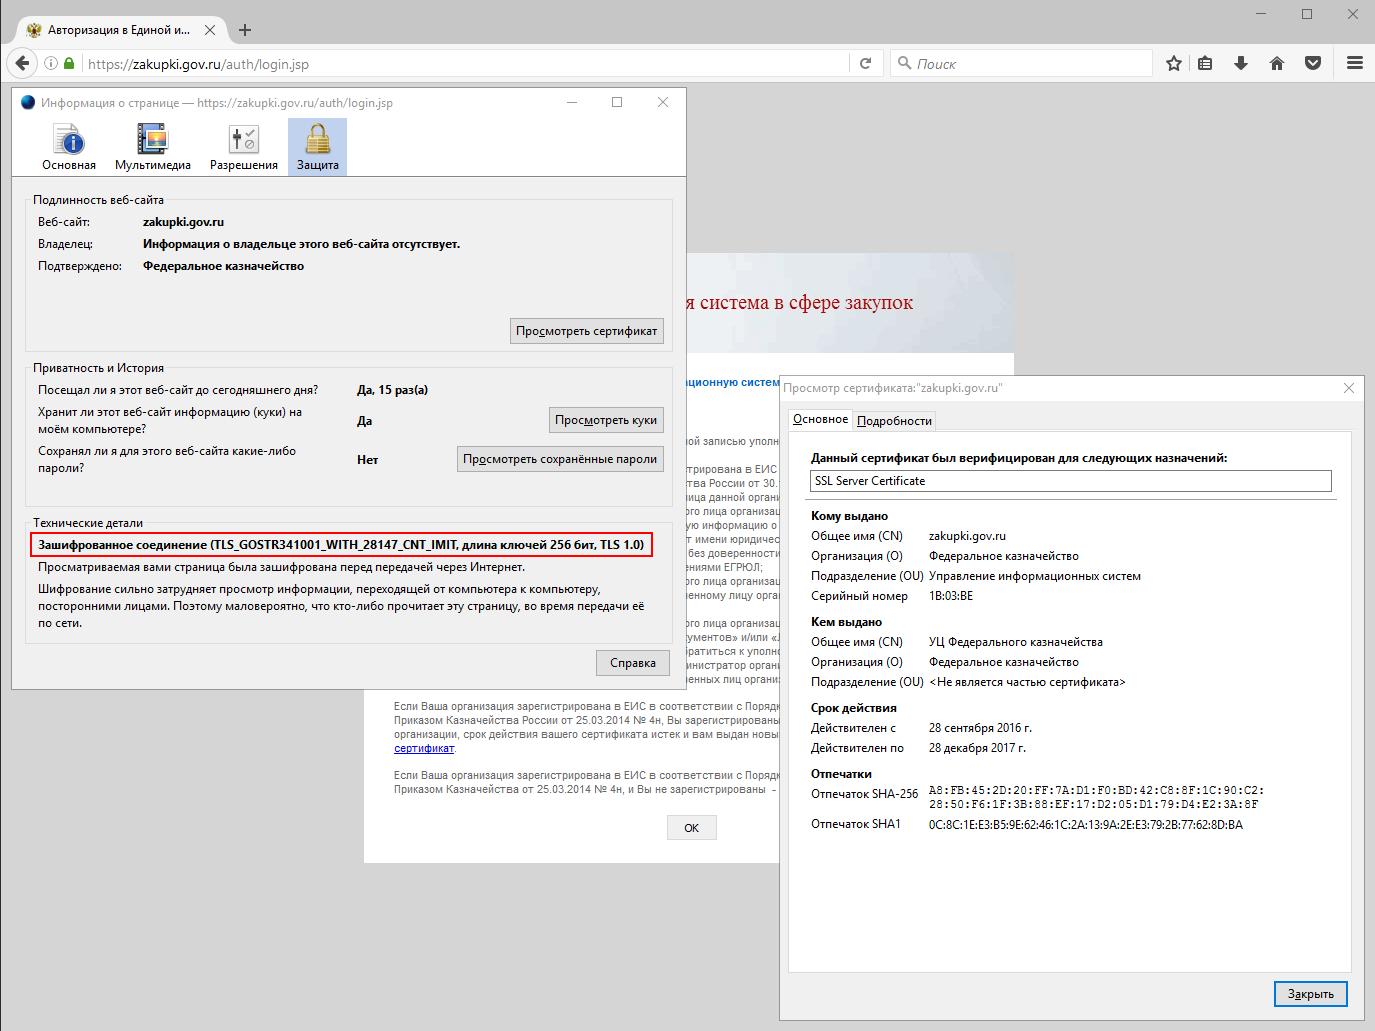 Заходим в личный кабинет на zakupki.gov.ru без Internet Explorer и другие полезные советы при работе с КриптоПро - 2